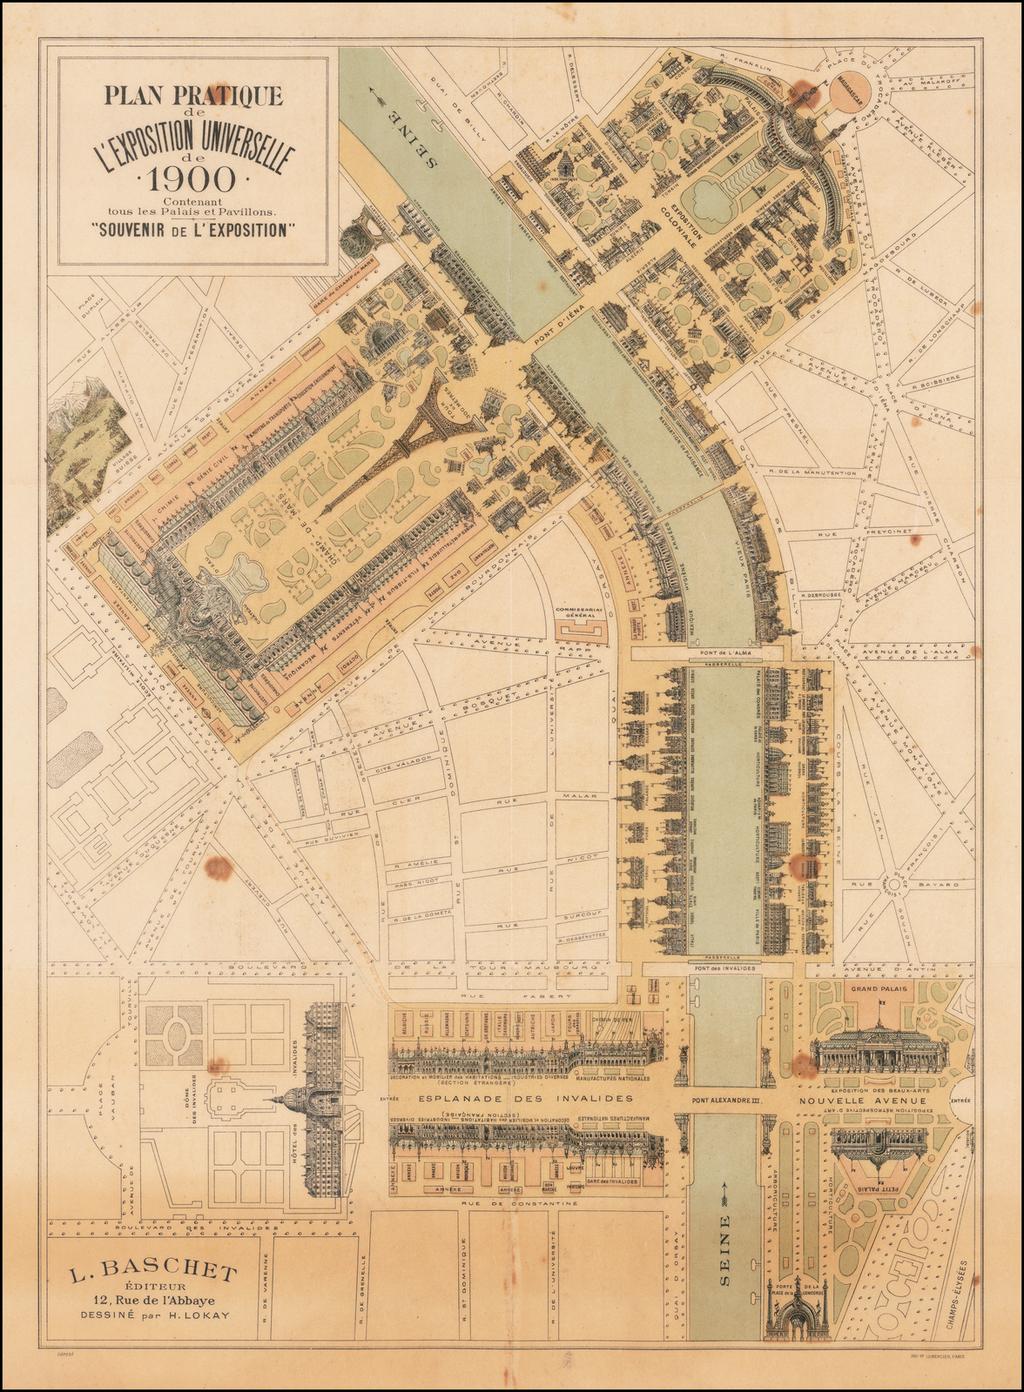 Plan Pratique de L'Exposition Universelle de 1900 Contenant tous les Palais et Pavillons . . .  By L Baschet